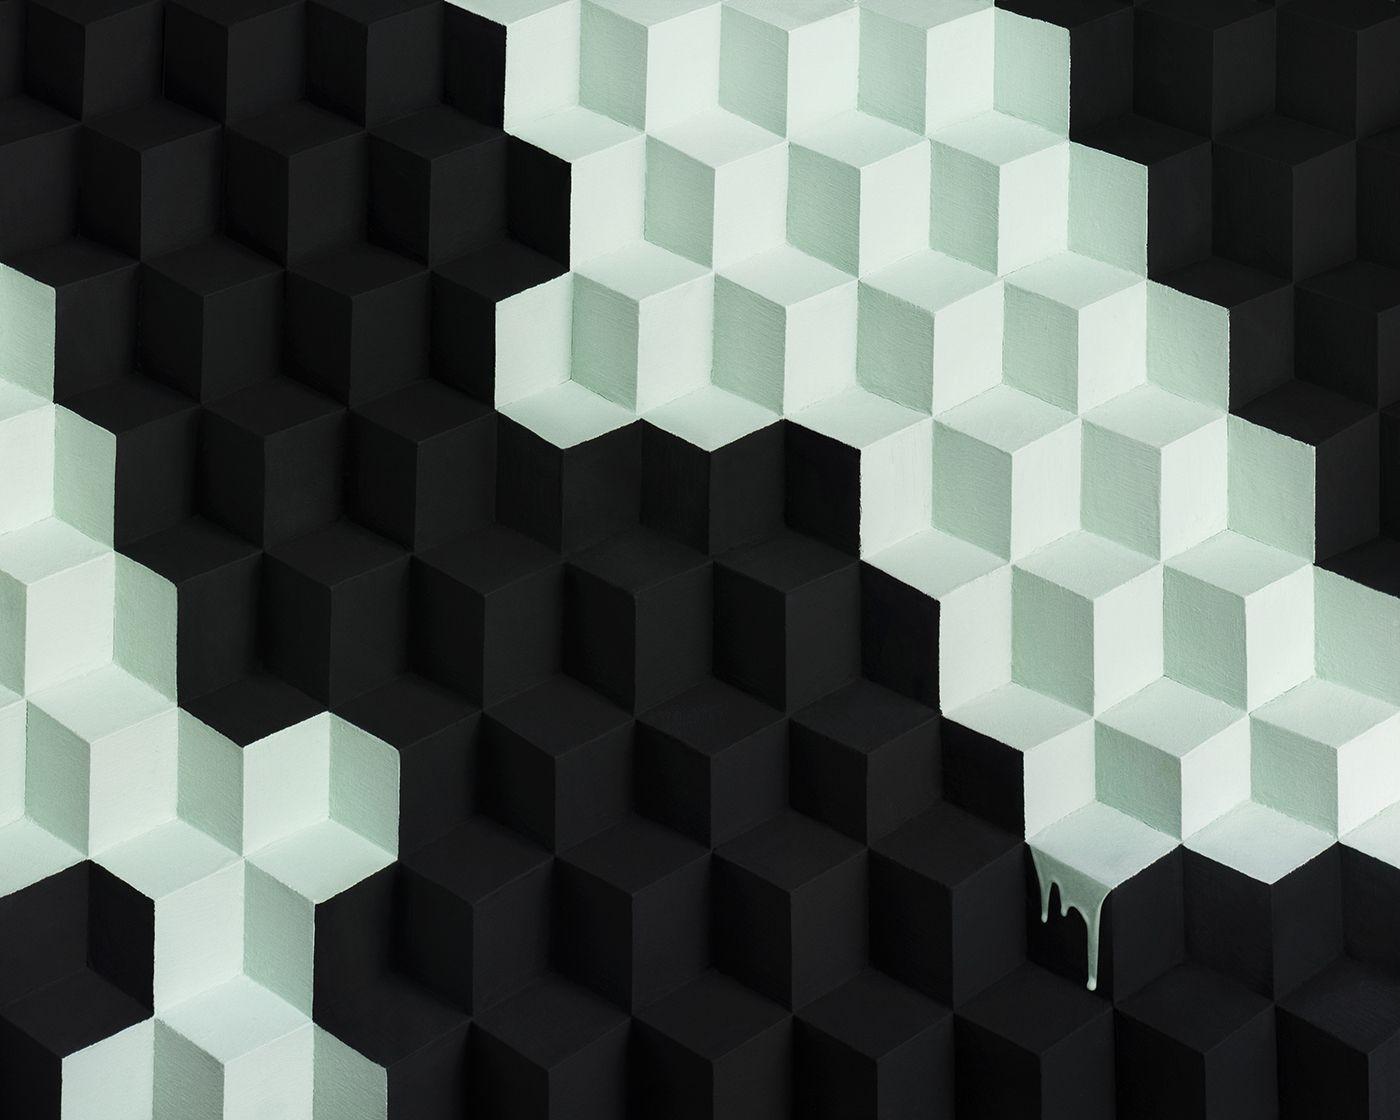 Benedict Morgan / Block Series- Mint Falling Down Black